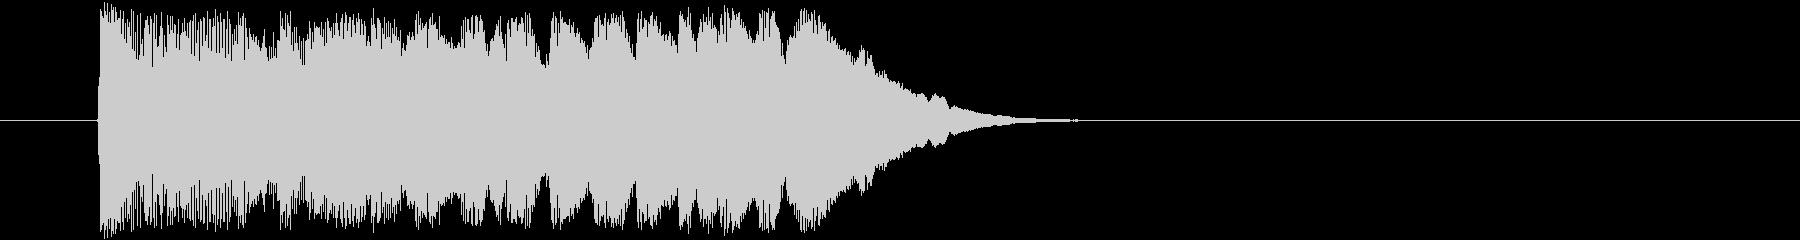 魔法インパクト(コミカル系)の未再生の波形